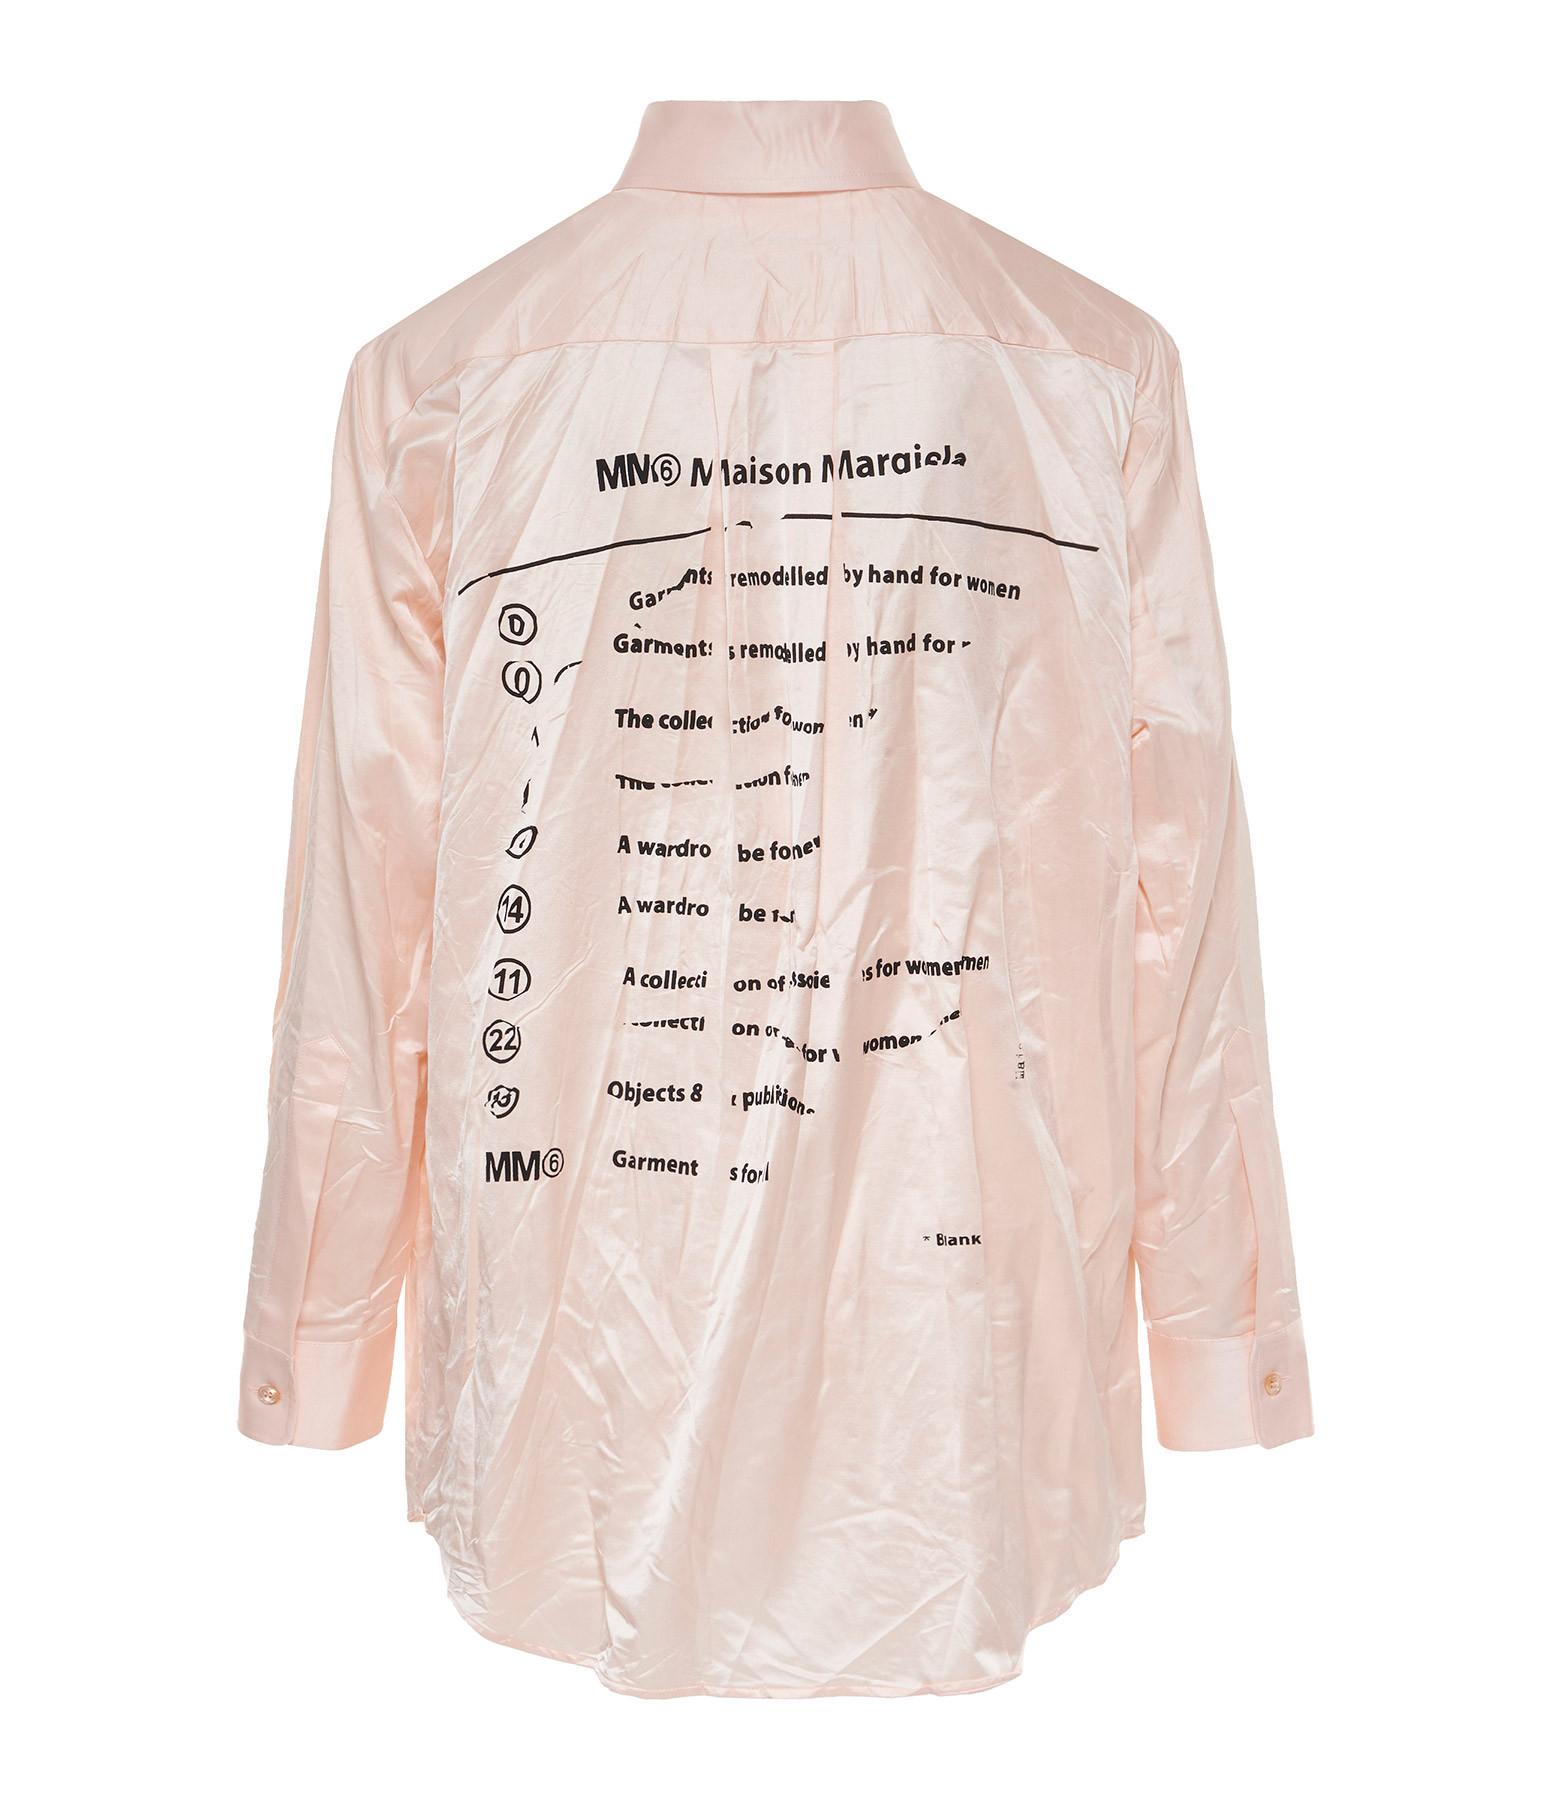 MM6 MAISON MARGIELA - Chemise Coton Rose